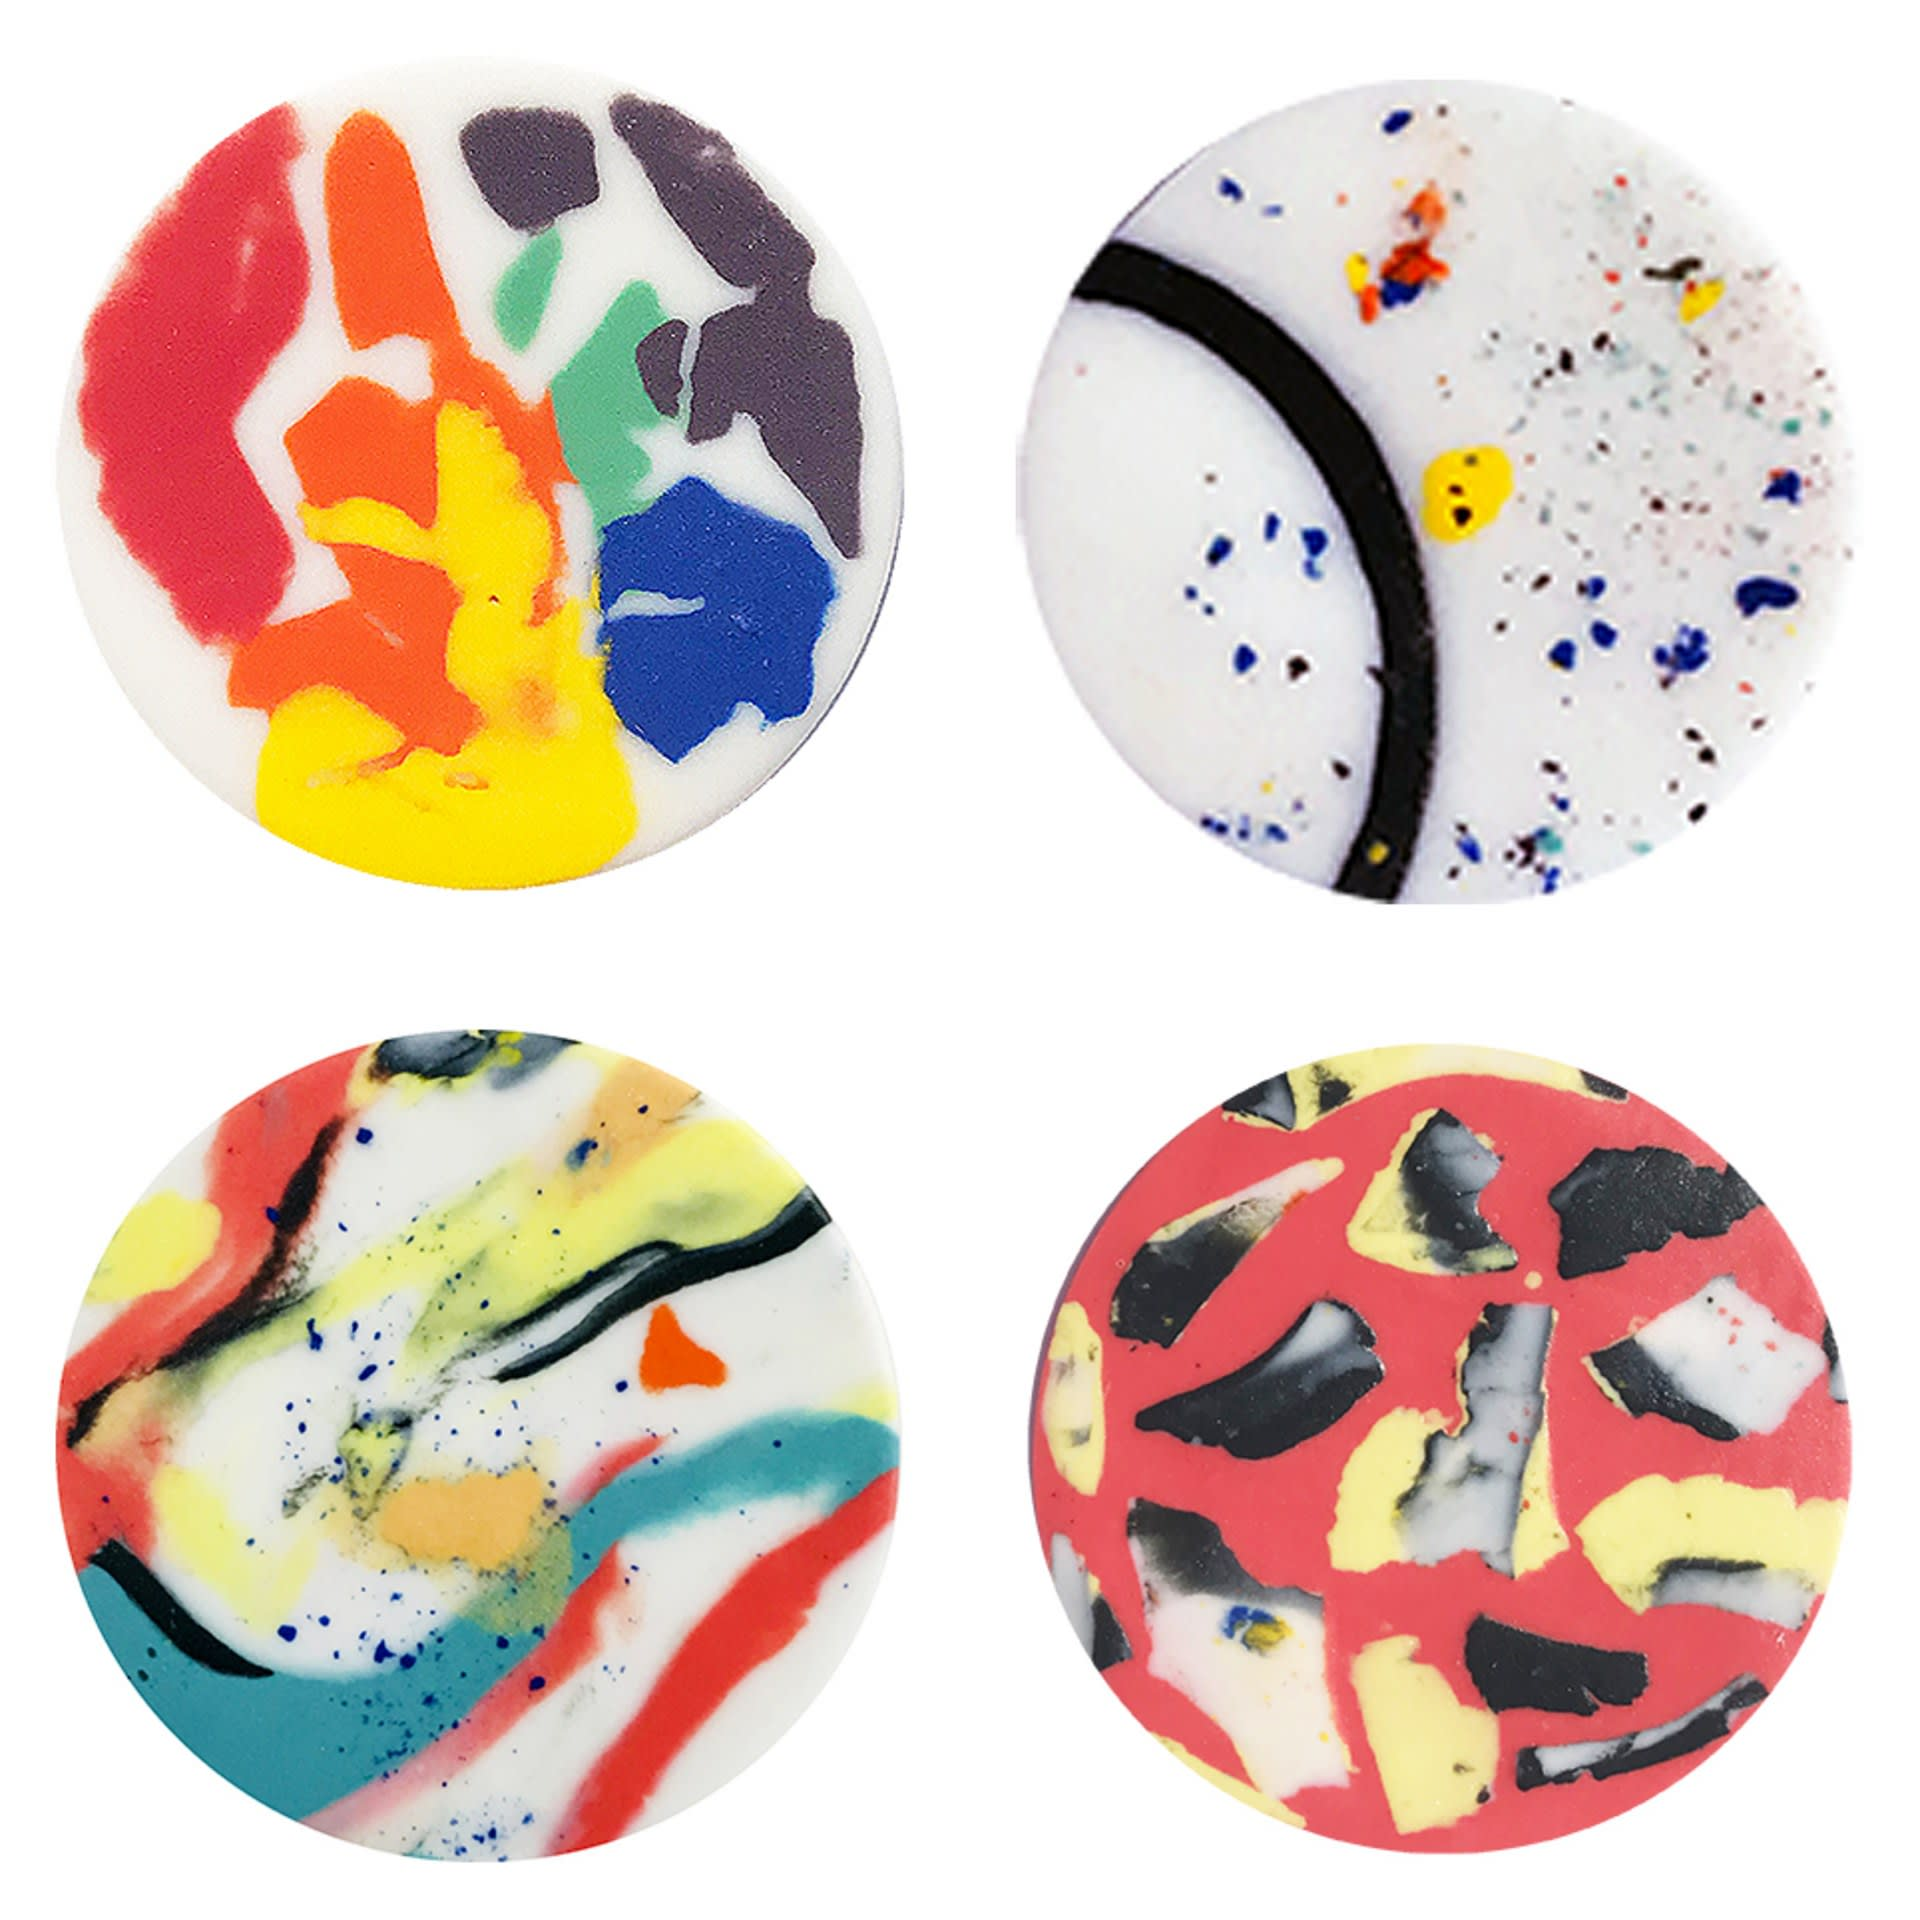 Parian clay sample disks